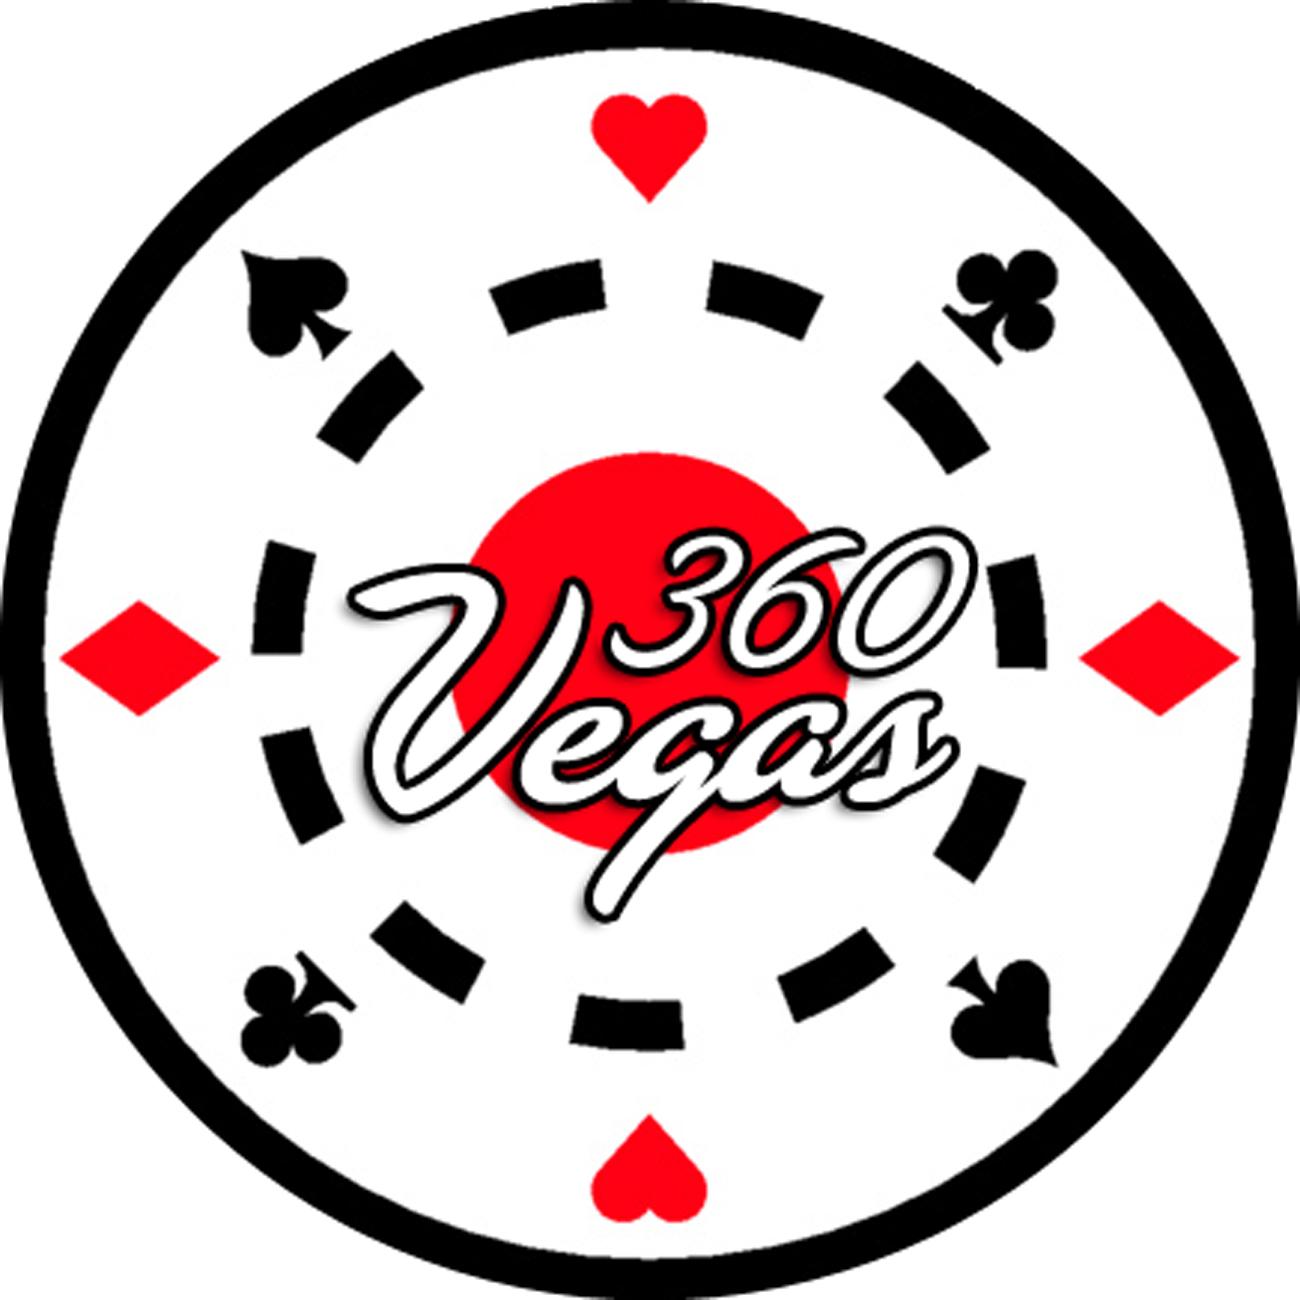 360 Vegas